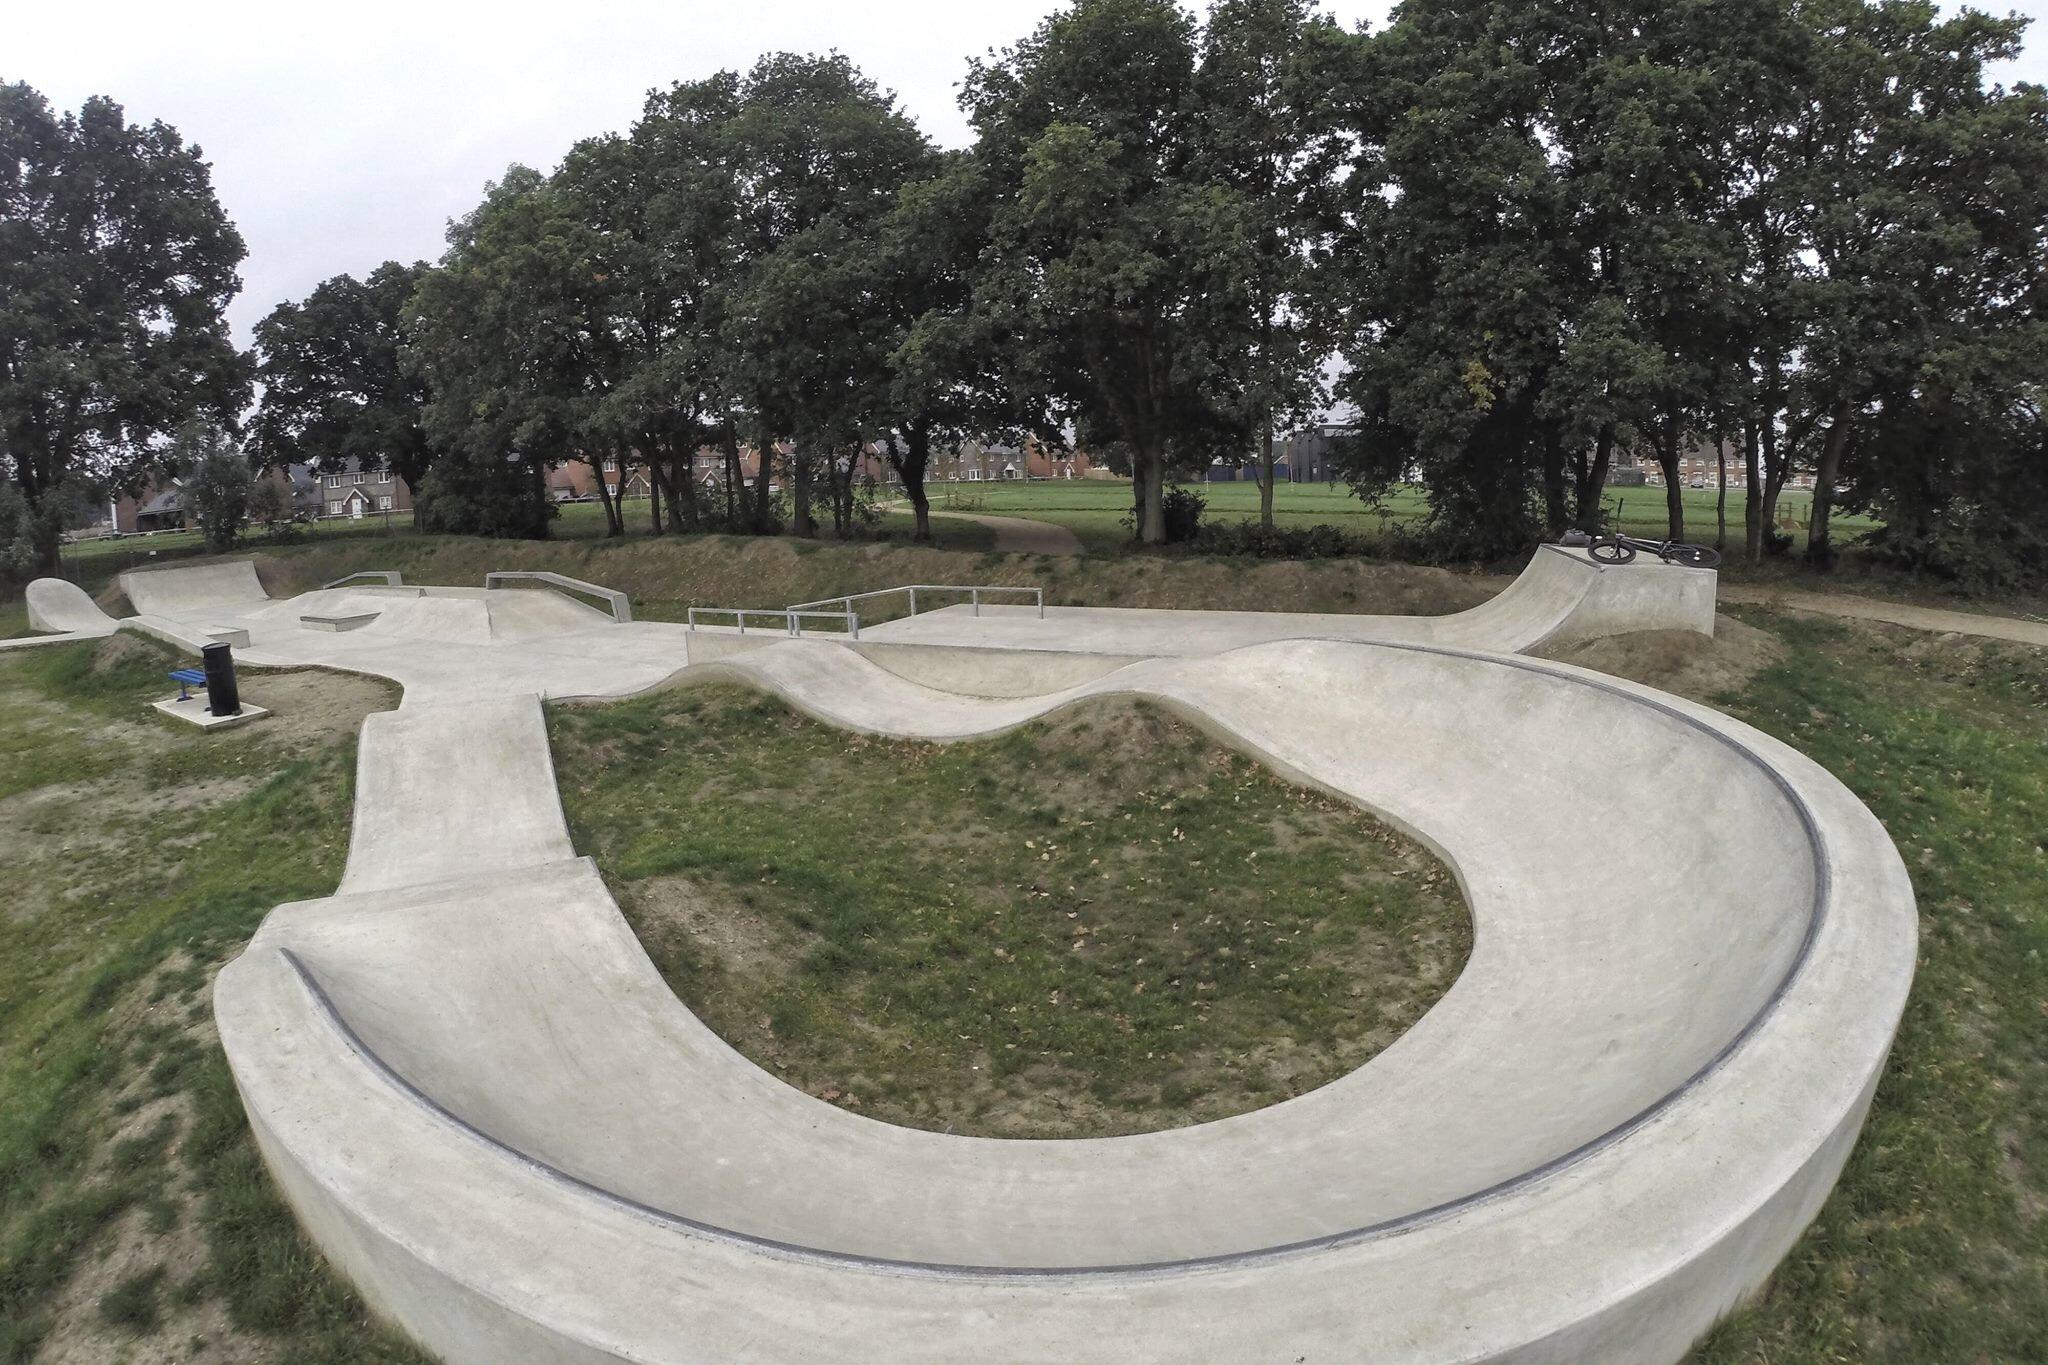 fleet skatepark